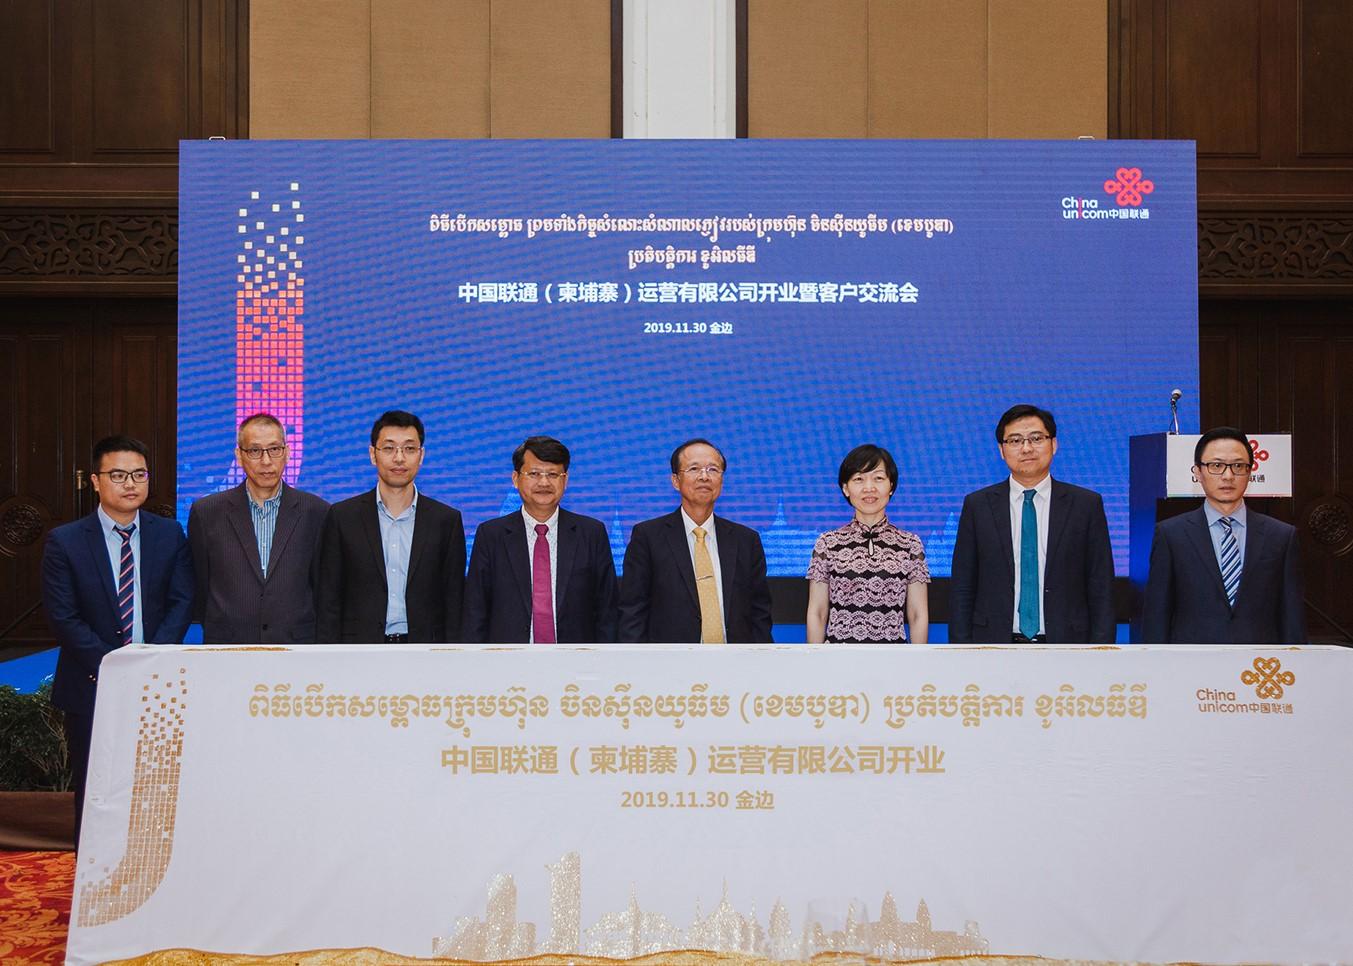 """中国联通成立柬埔寨公司 打造""""一带一路""""信息光通道新格局"""